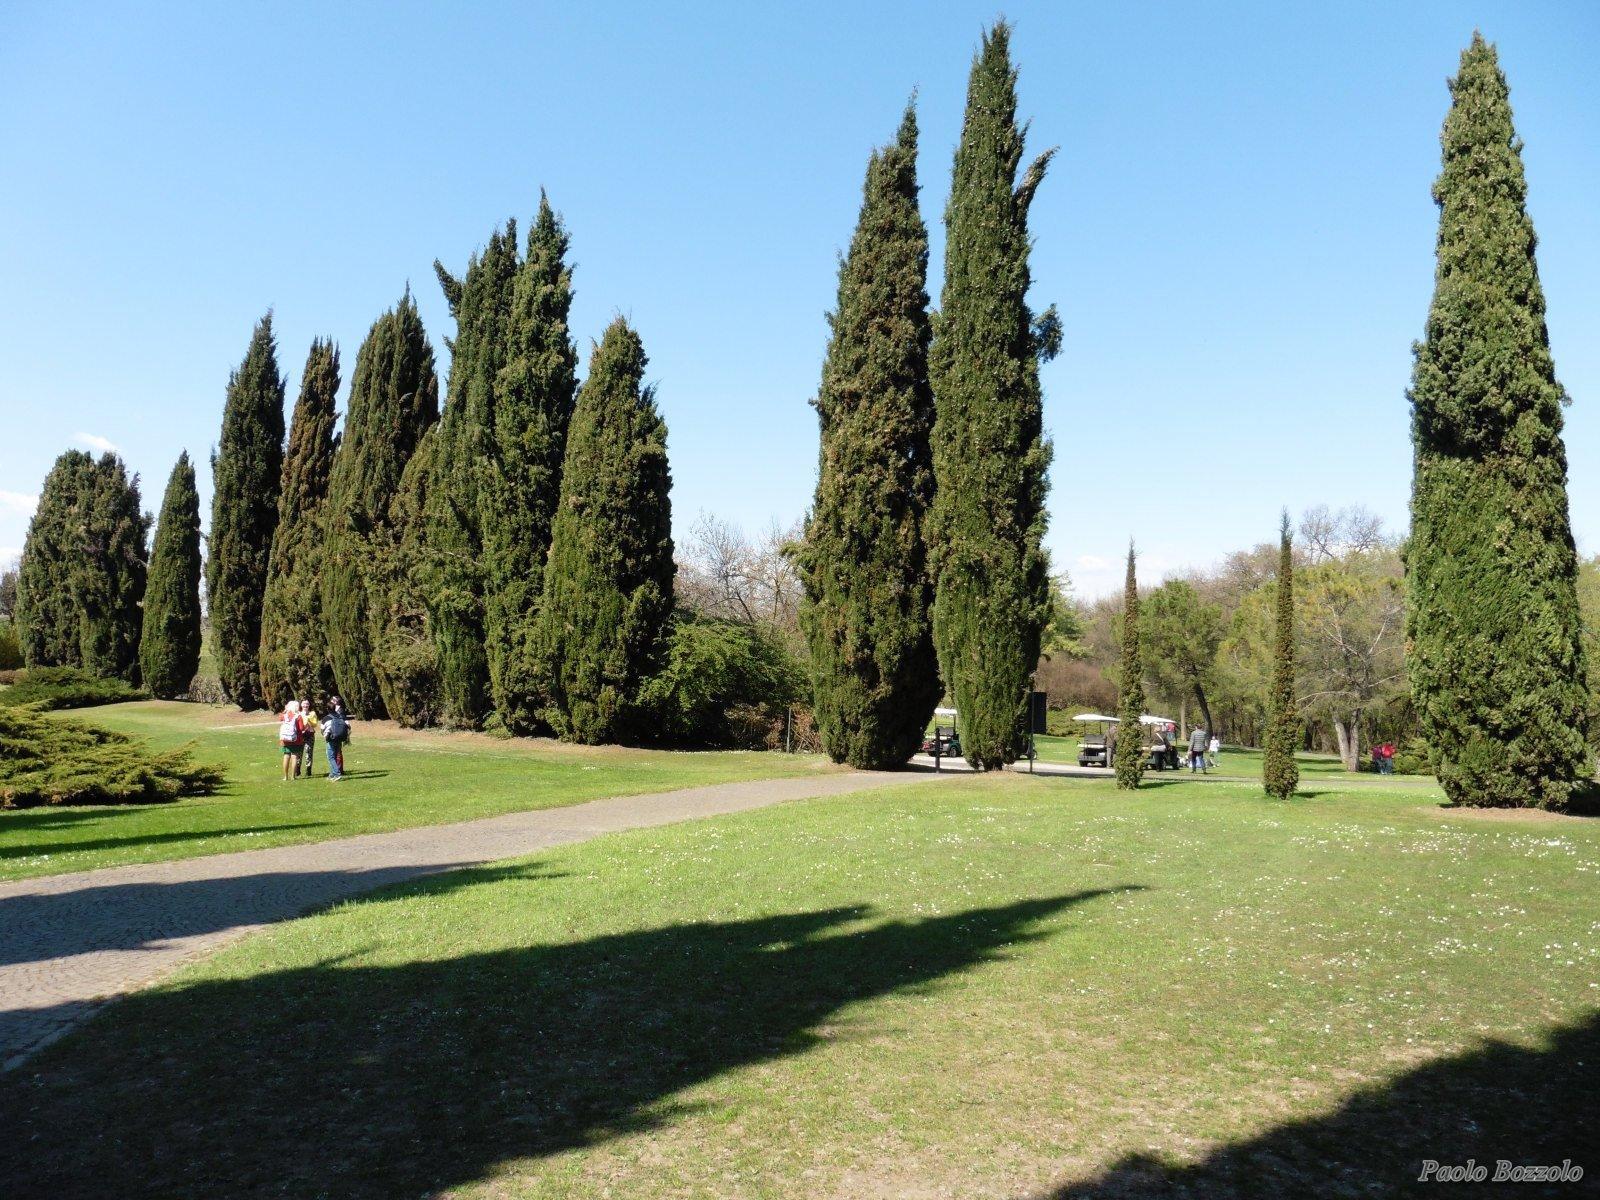 Il parco giardino sigurt a valeggio sul mincio vr - Parco giardino sigurta valeggio sul mincio vr ...